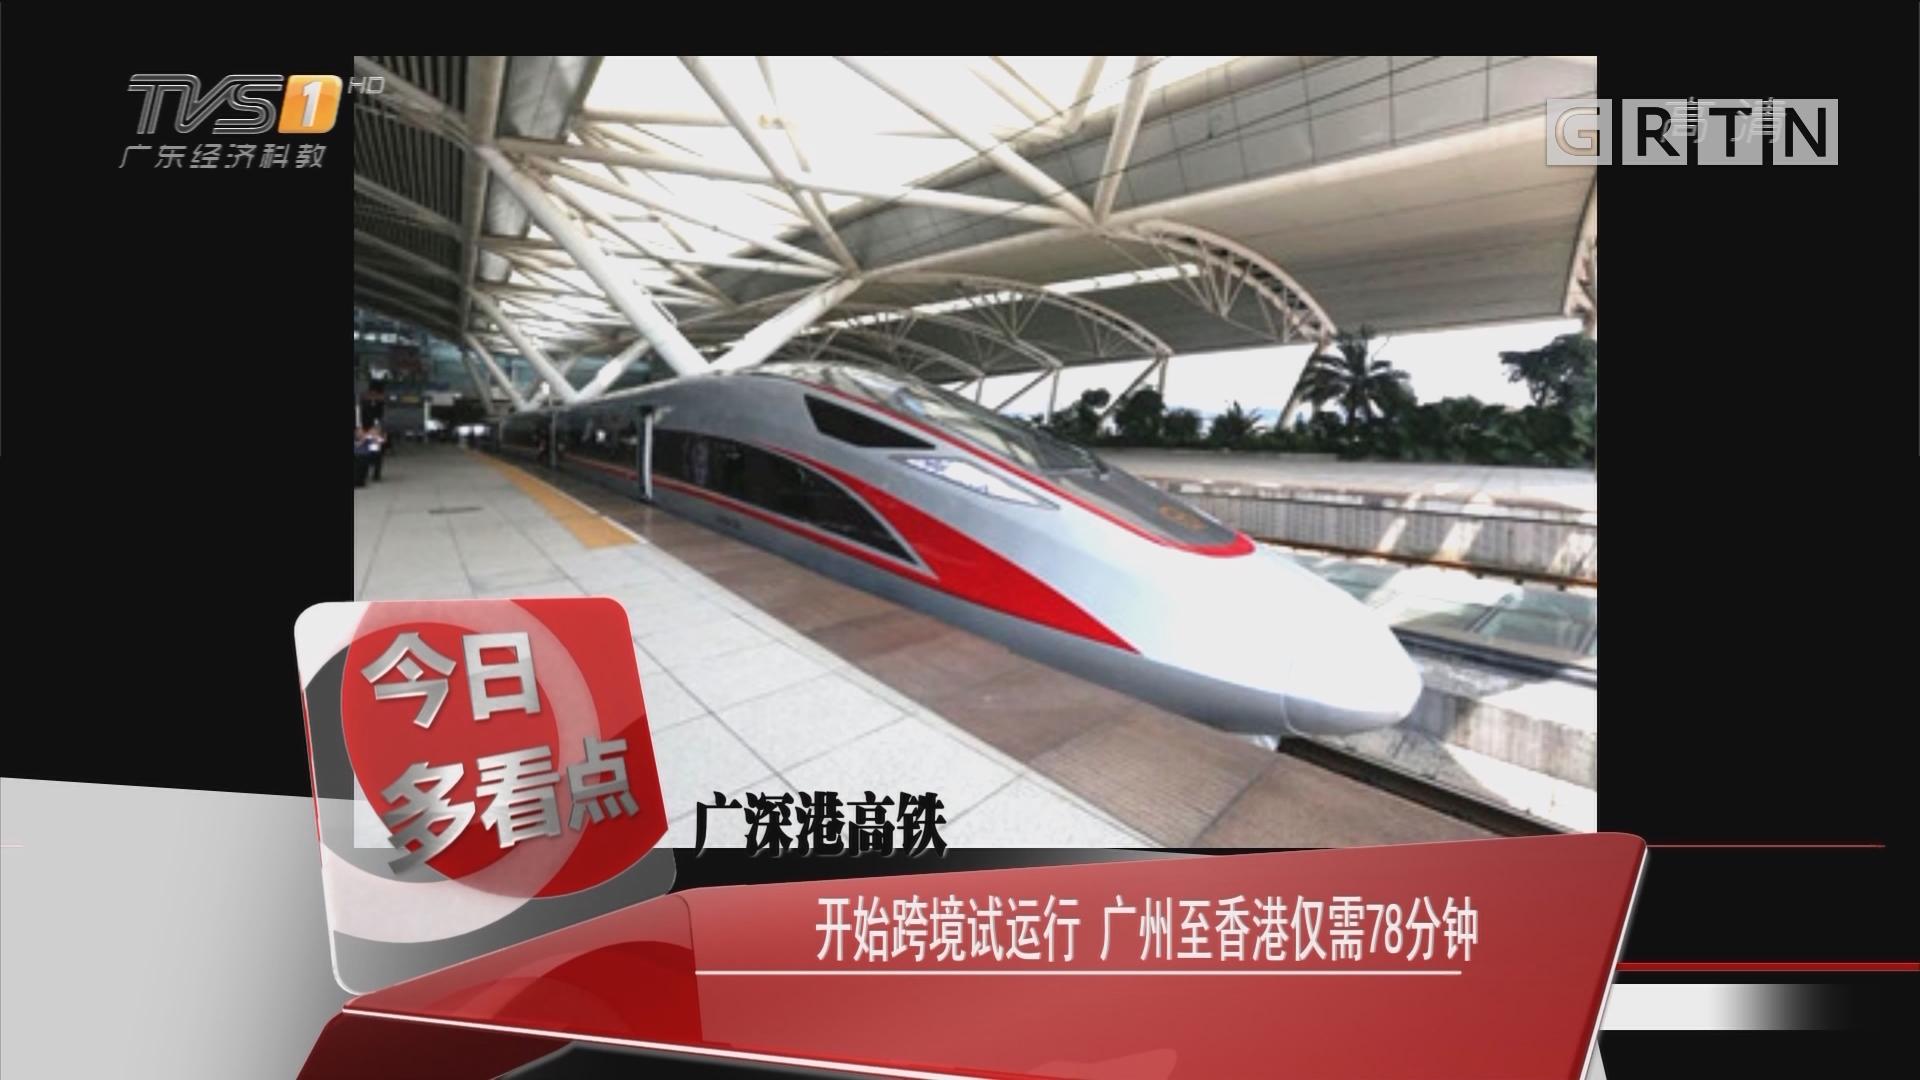 广深港高铁:开始跨境试运行 广州至香港仅需78分钟